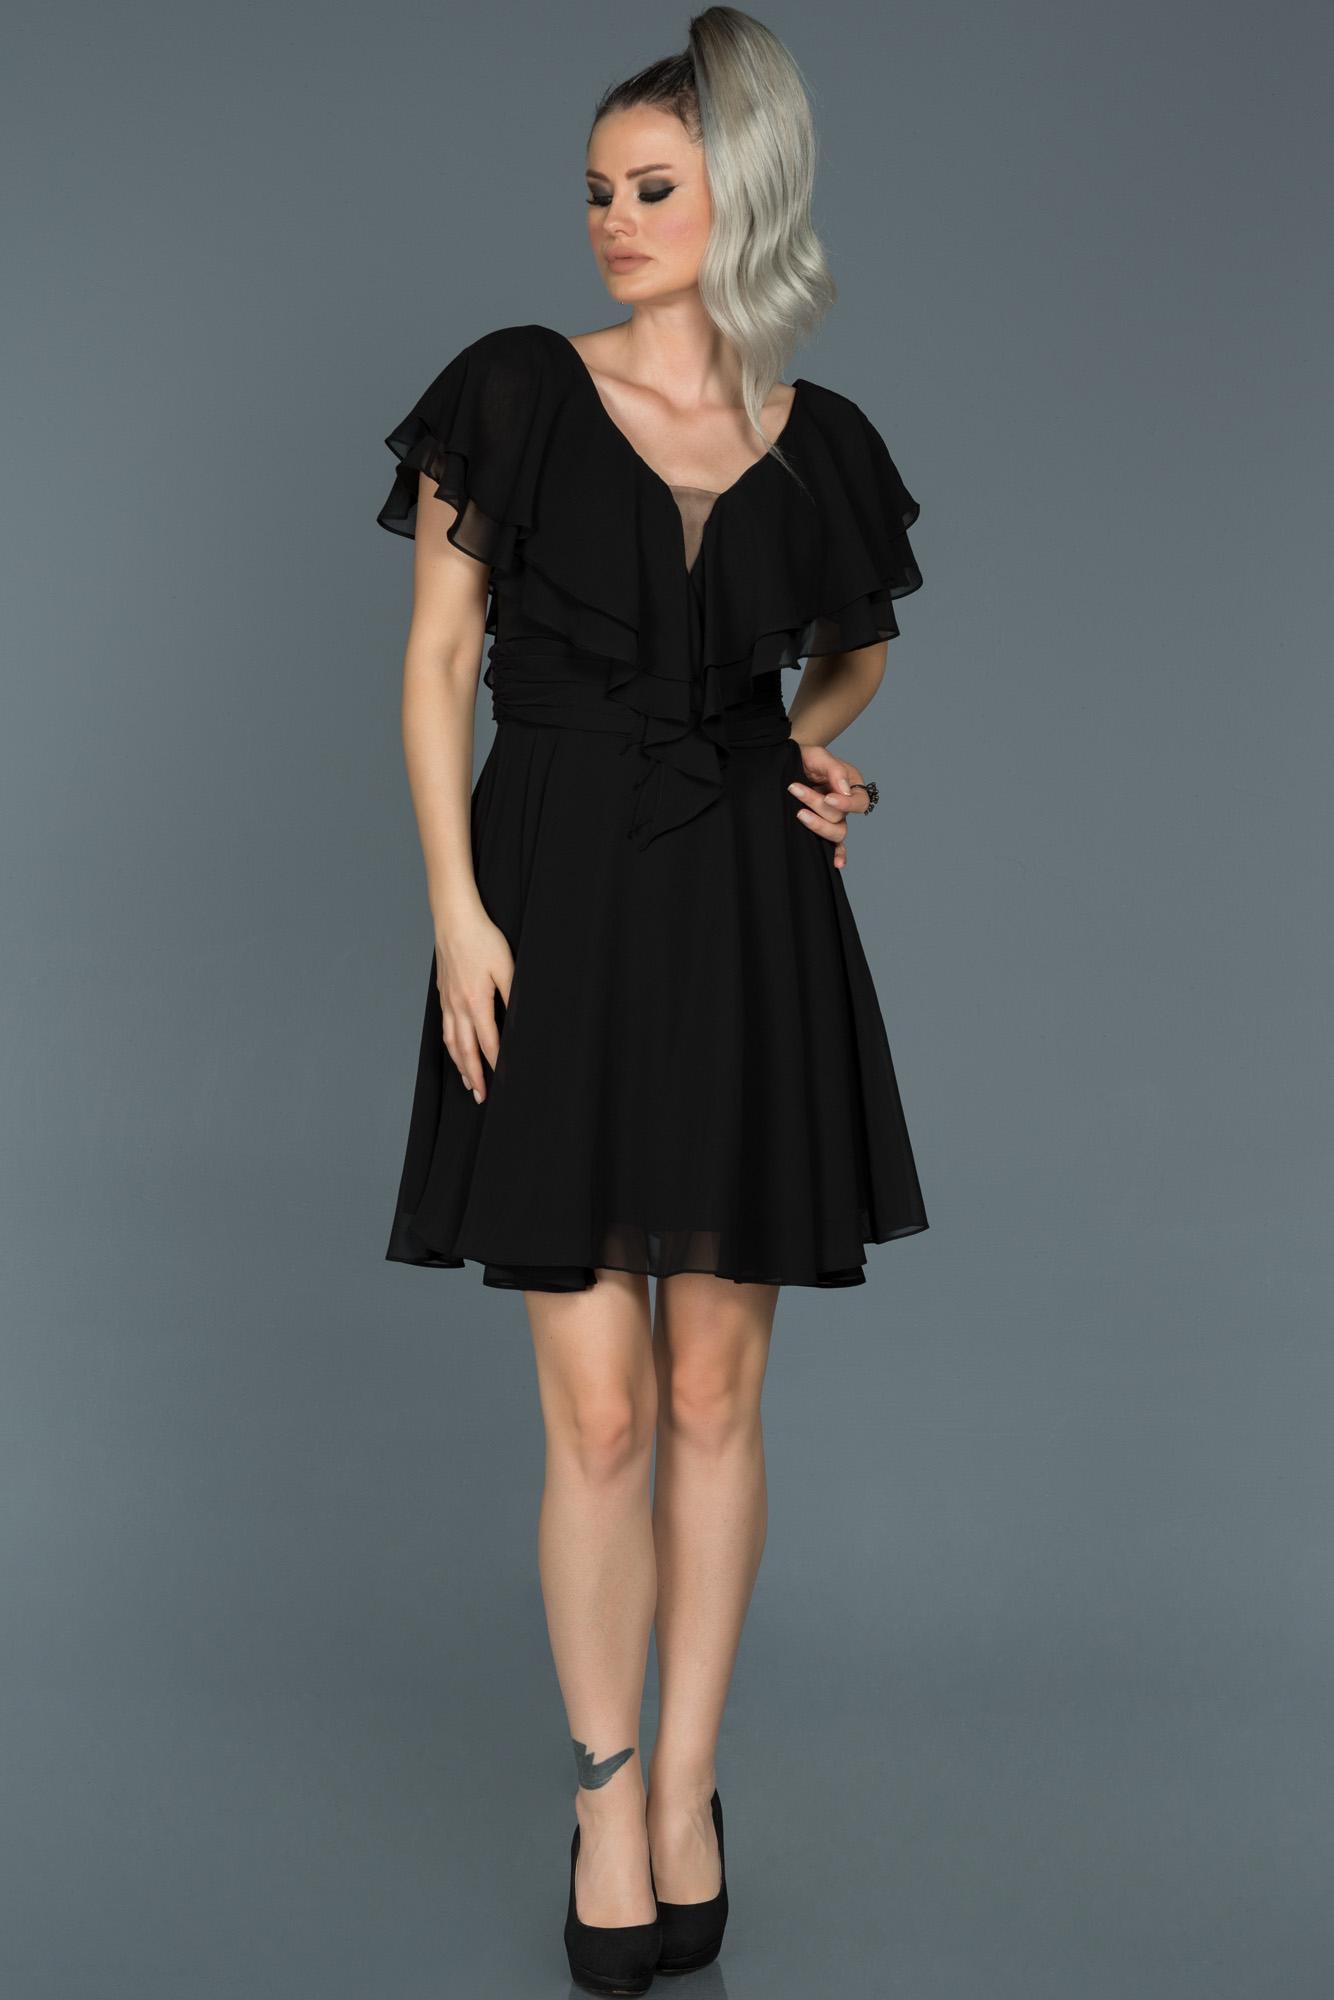 Siyah V Yaka Şifon Elbise